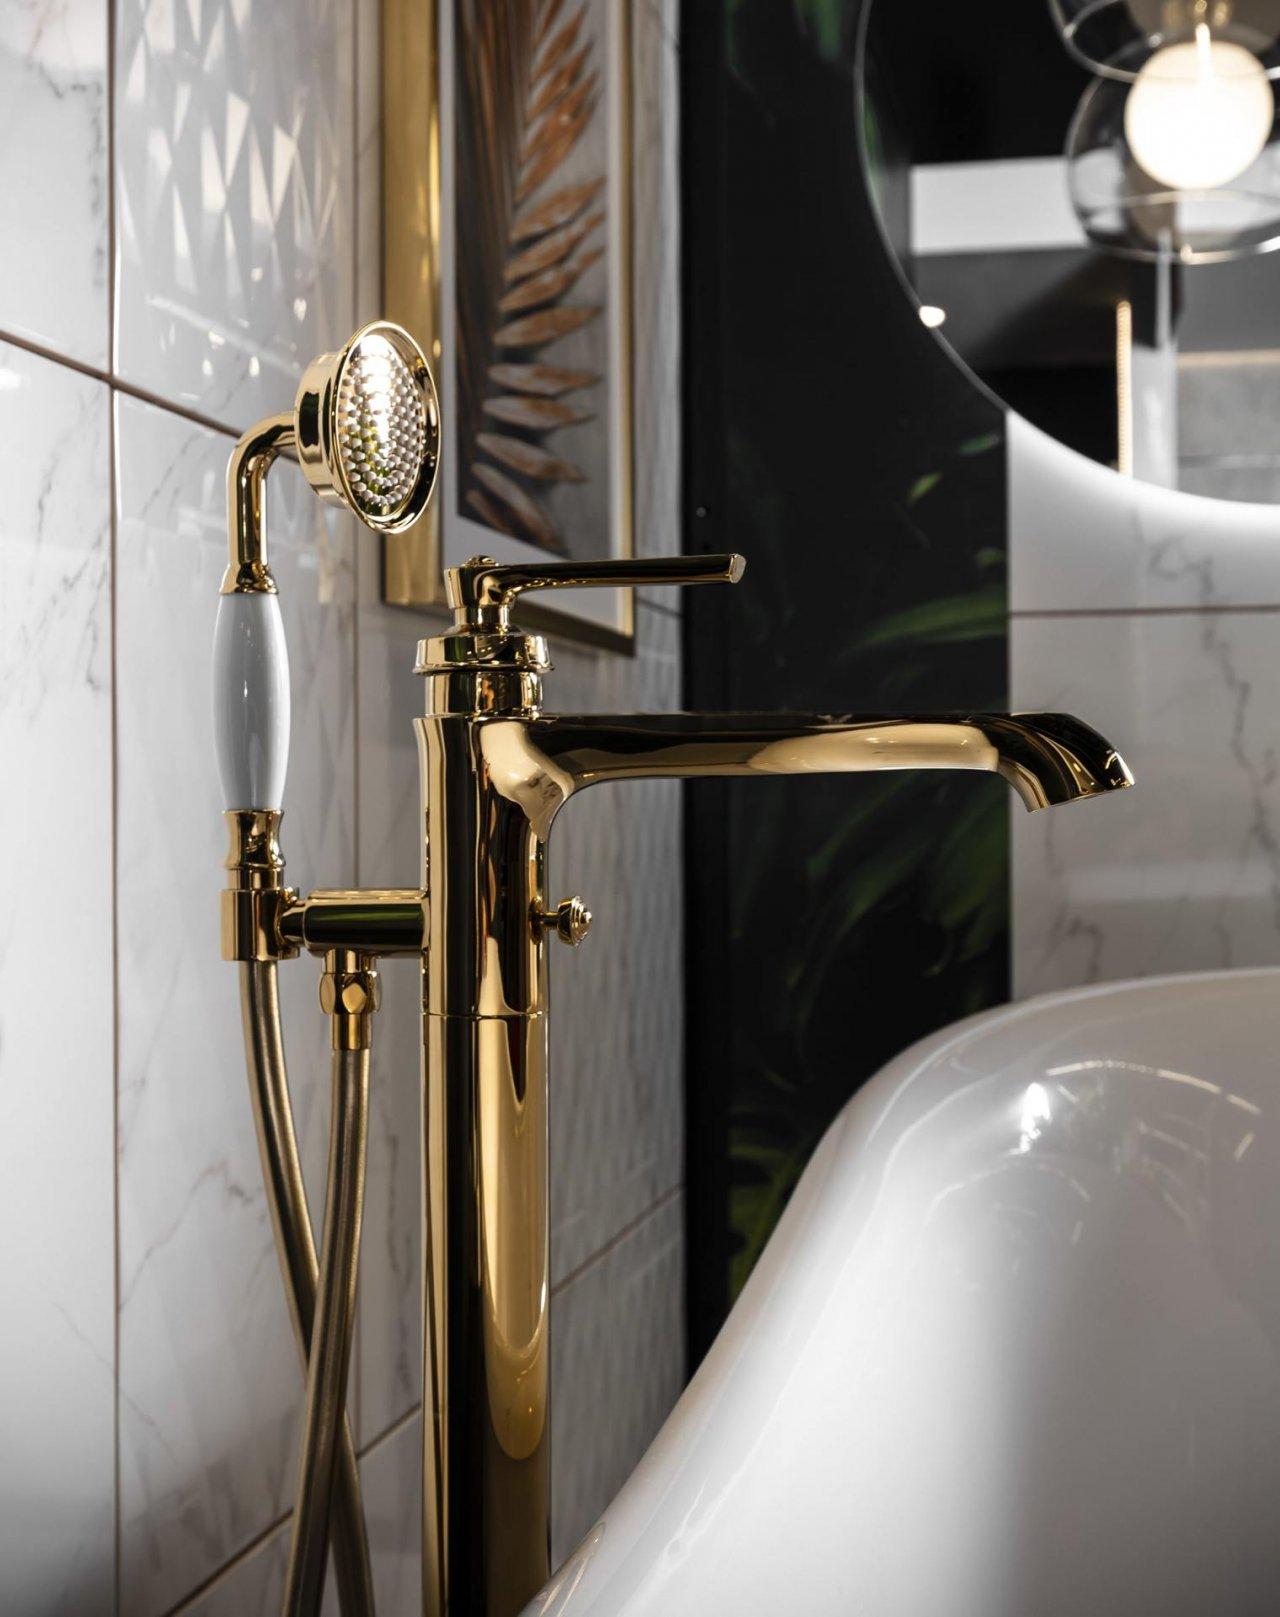 Złota bateria łazienkowa obok białej wanny